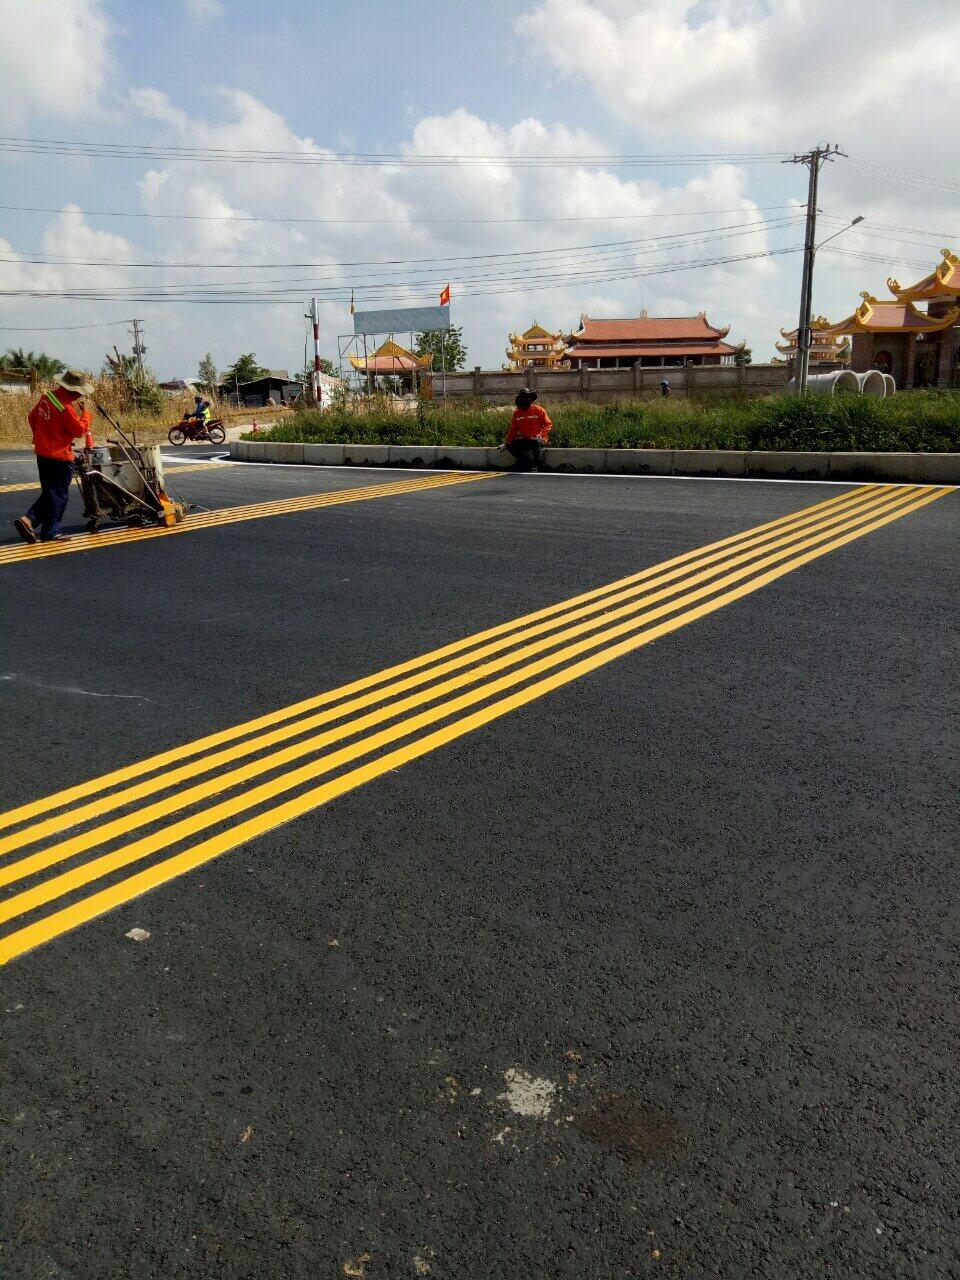 khi nói đến giá thi công sơn kẻ vạch đường, các đơn vị xây dựng hiện nay sẽ thường tính theo m2 hoàn thiện